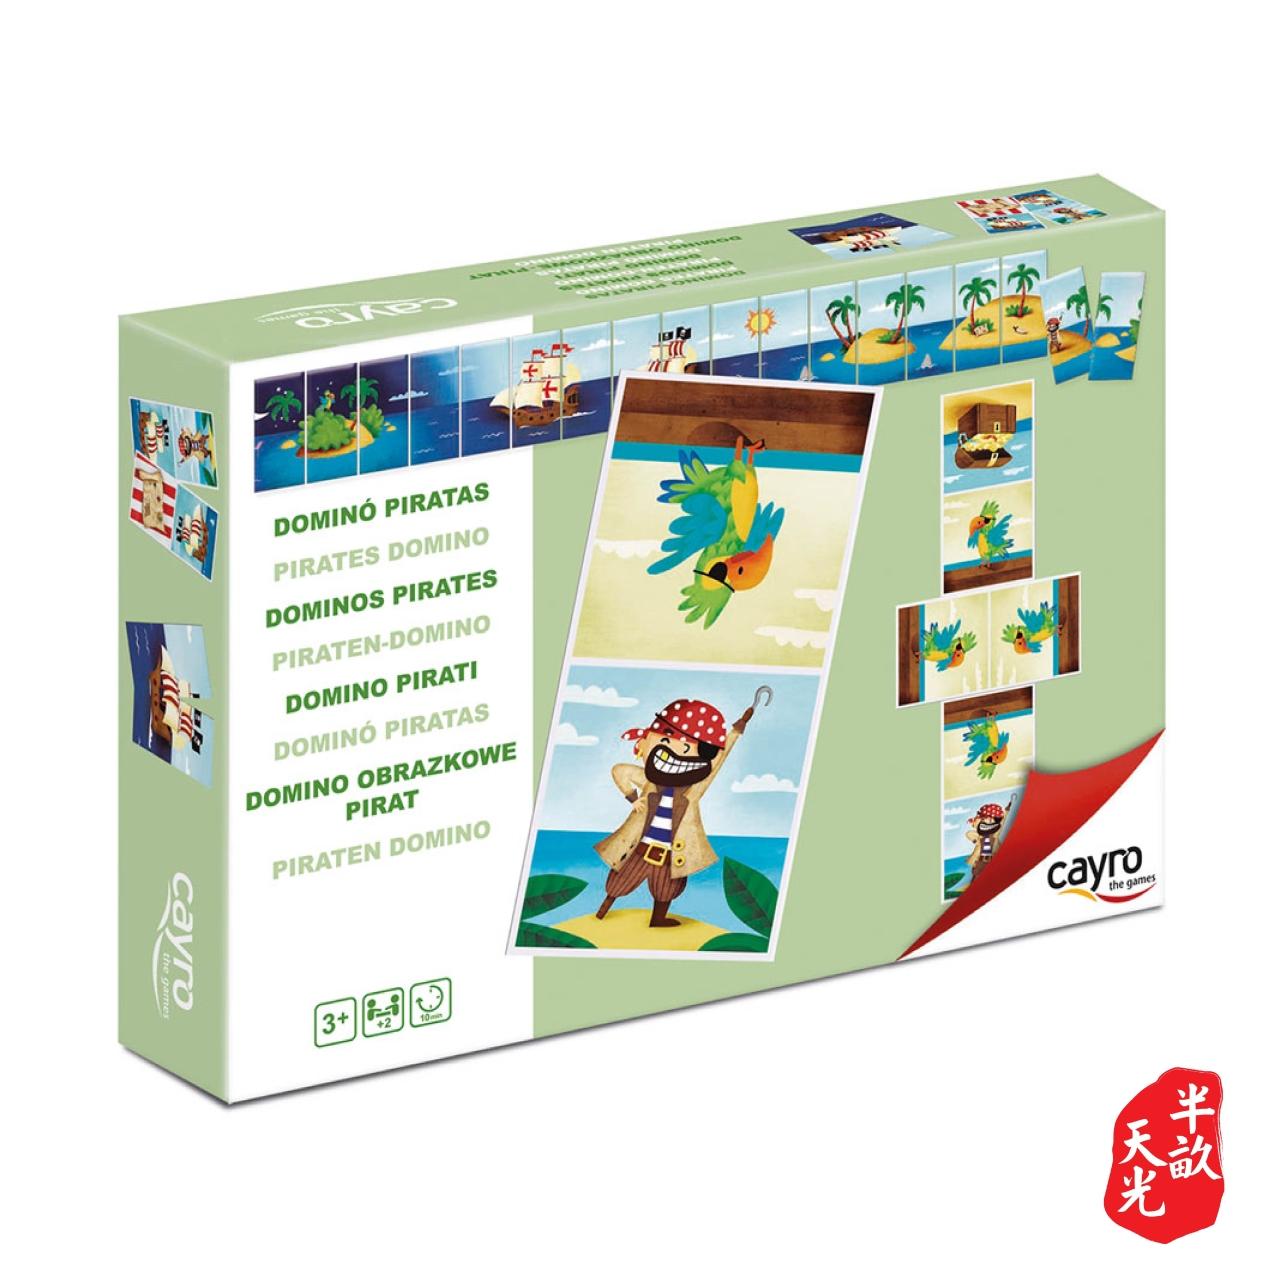 儿童桌游/儿童游戏/卡牌游戏:Pirates Domino